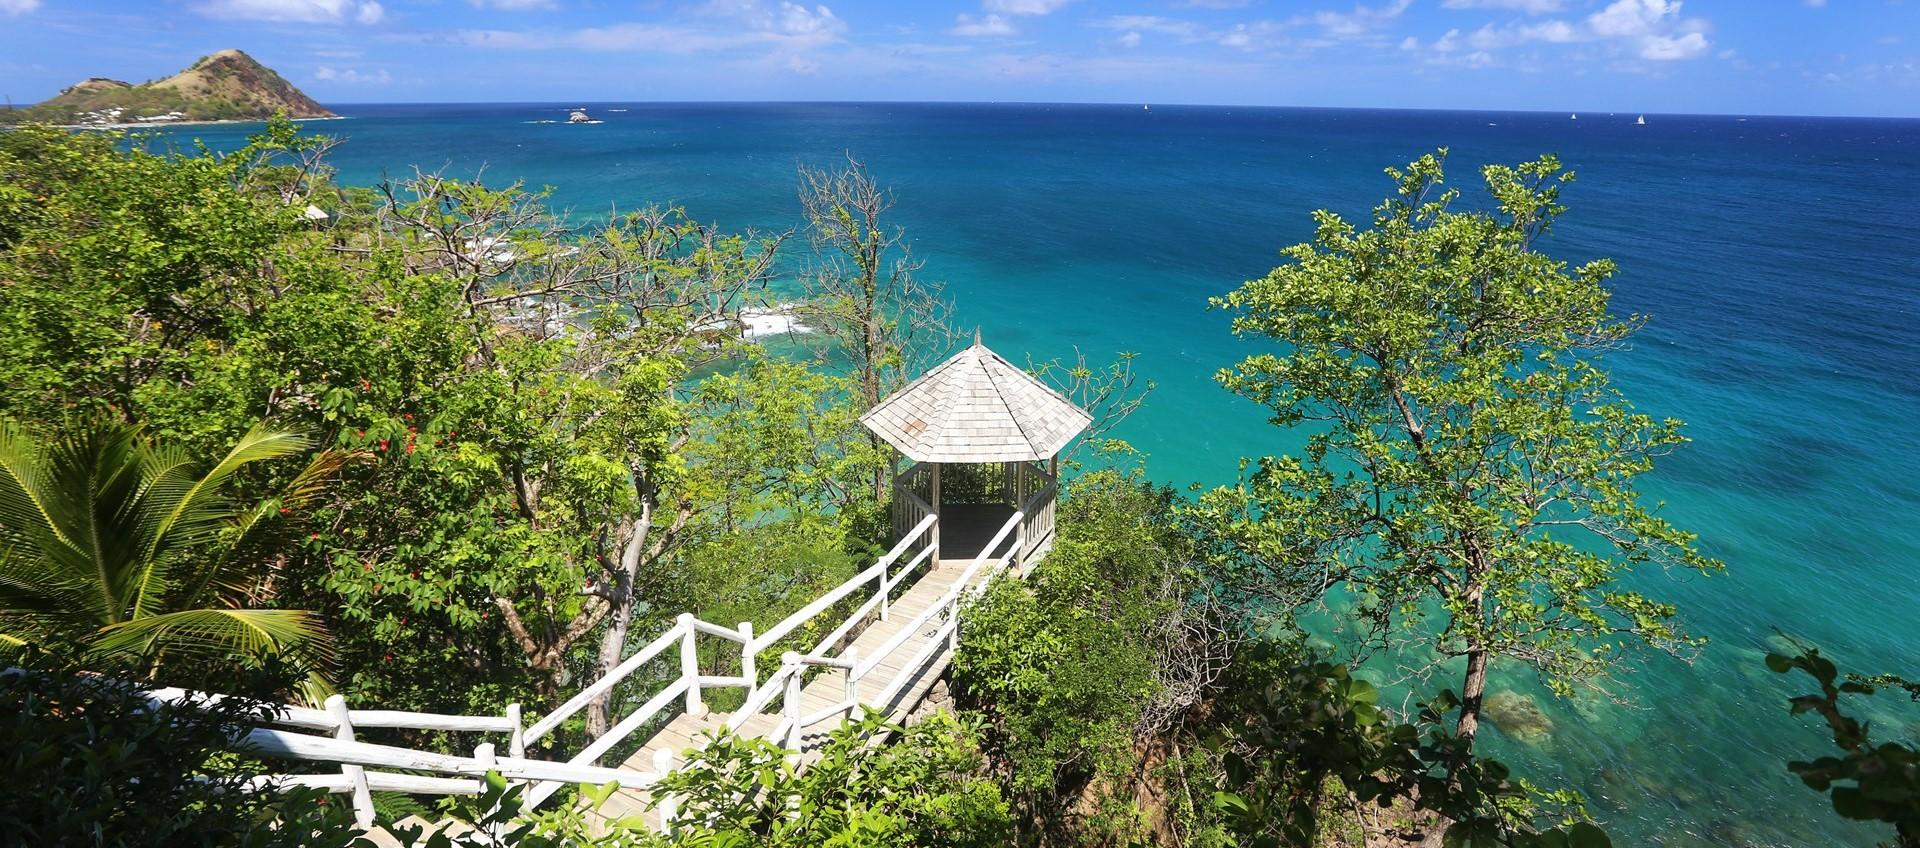 luxury-st-lucia-caribbean-villas